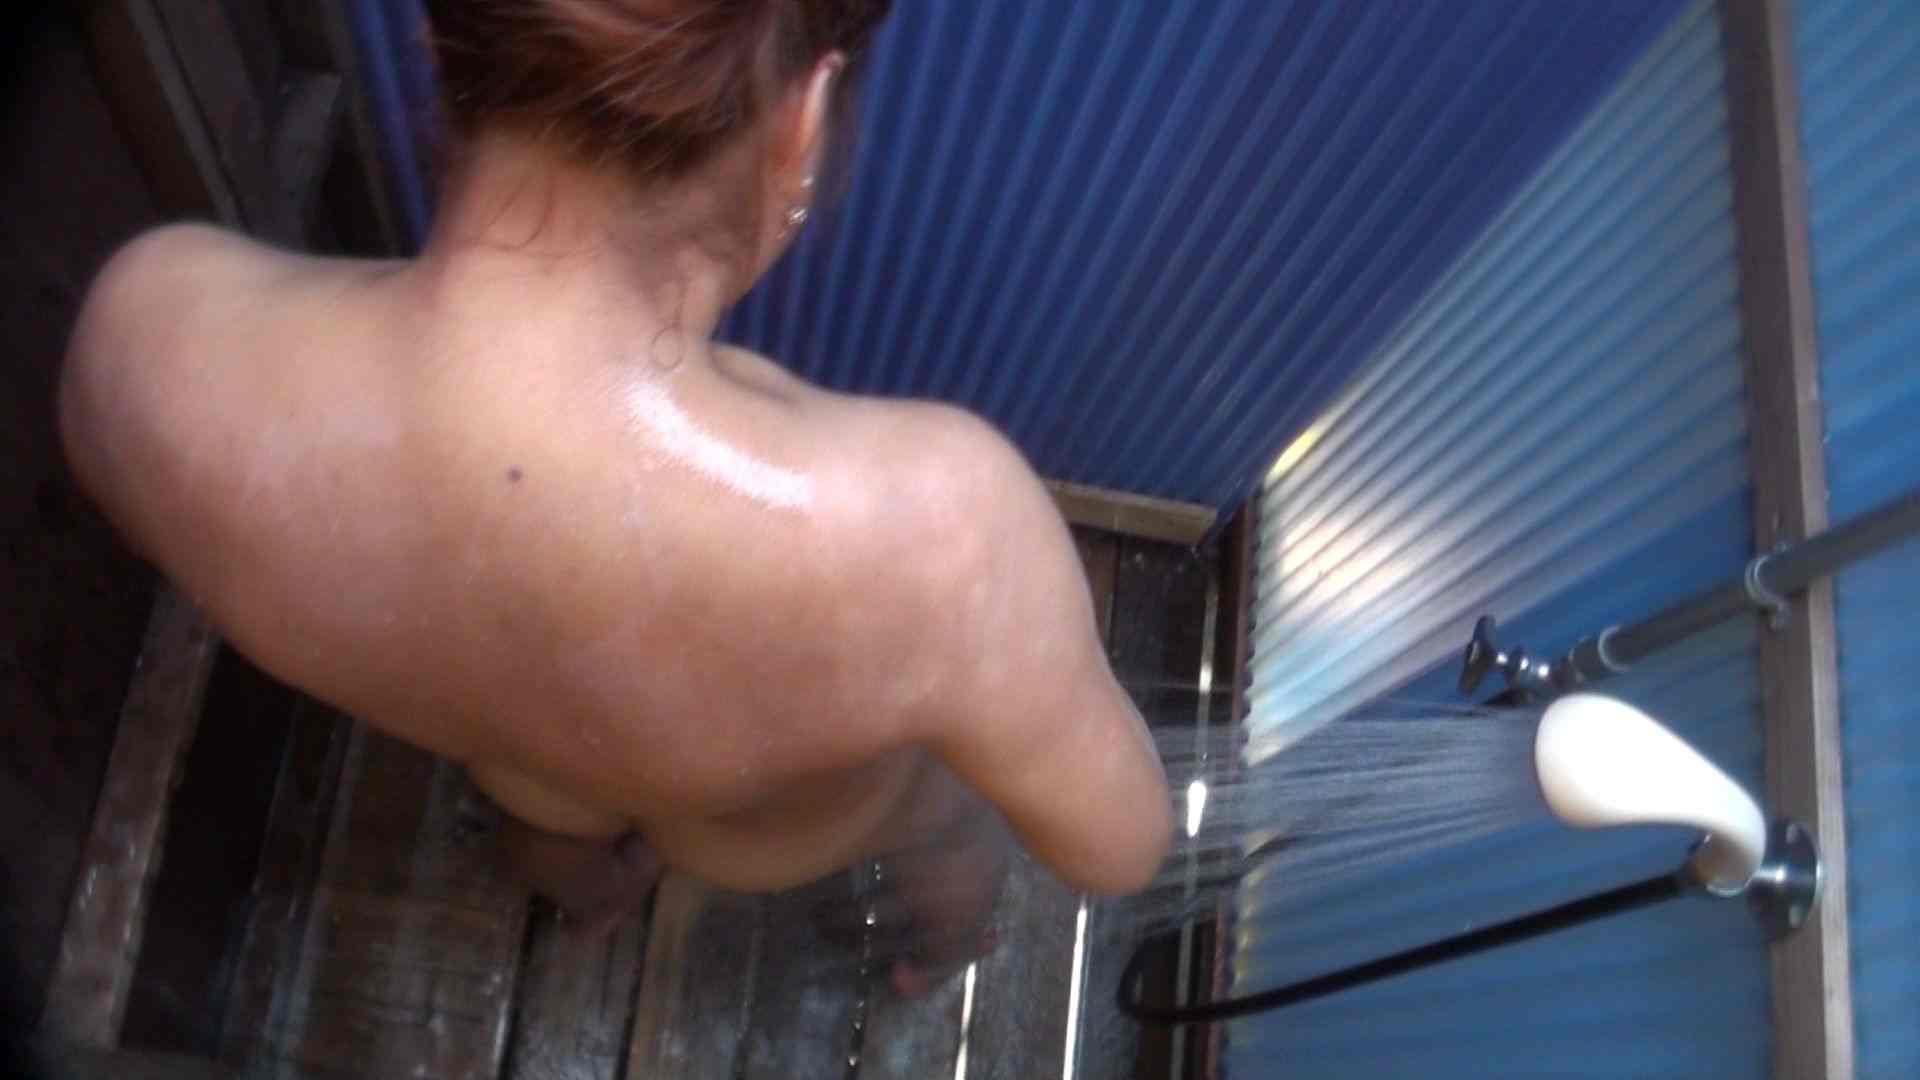 シャワールームは超!!危険な香りVol.18 幼児体型なムッチリギャル シャワー 盗み撮り動画キャプチャ 59連発 27